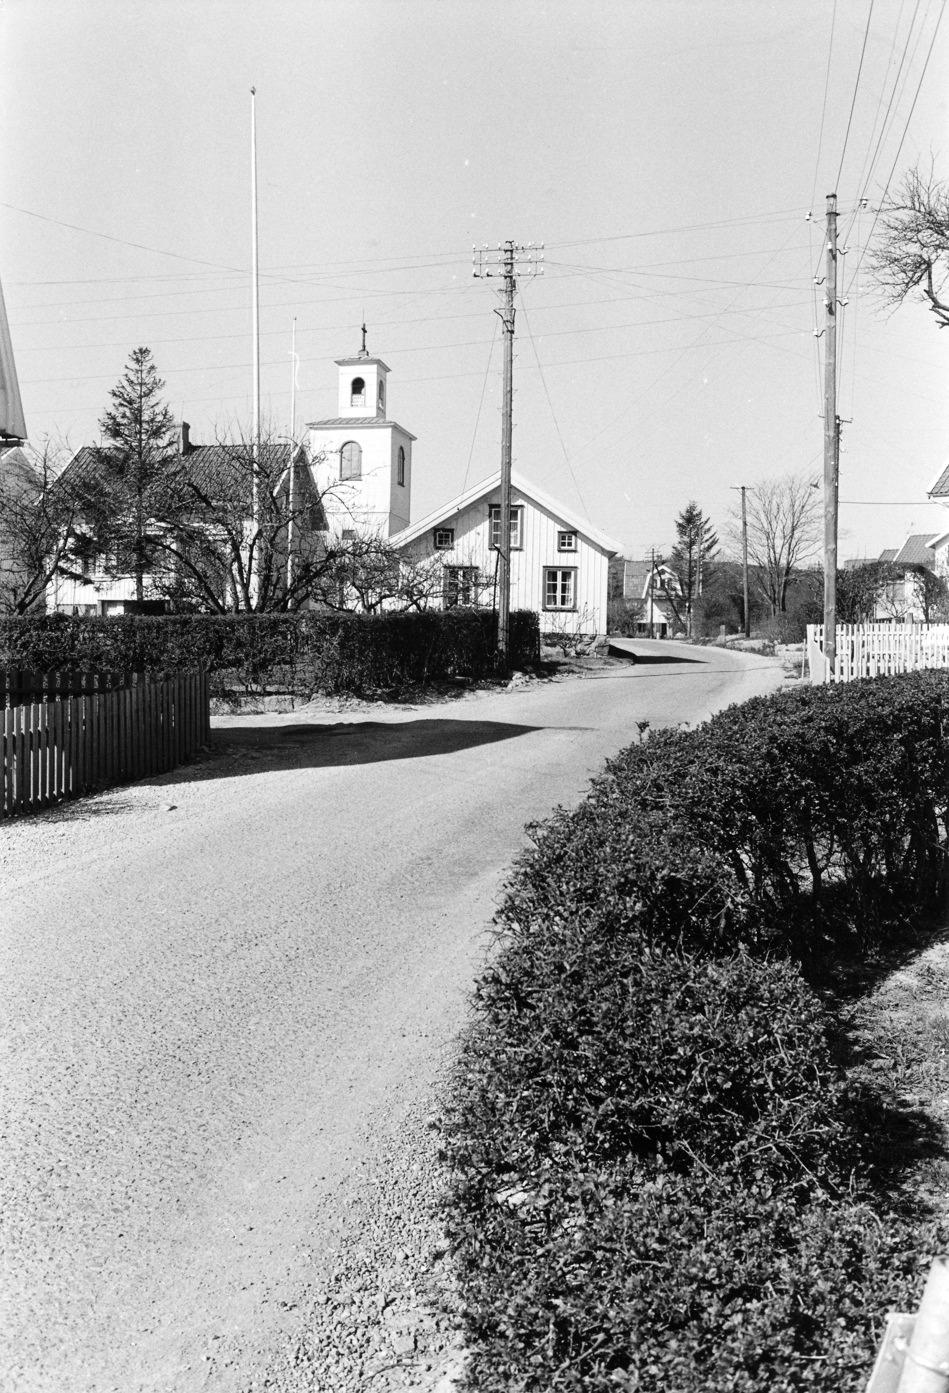 Foto Claes Funck 1960-tal. Kyrkan från Bäckgatan. Observera alla starkströmsledningar i stolpar.